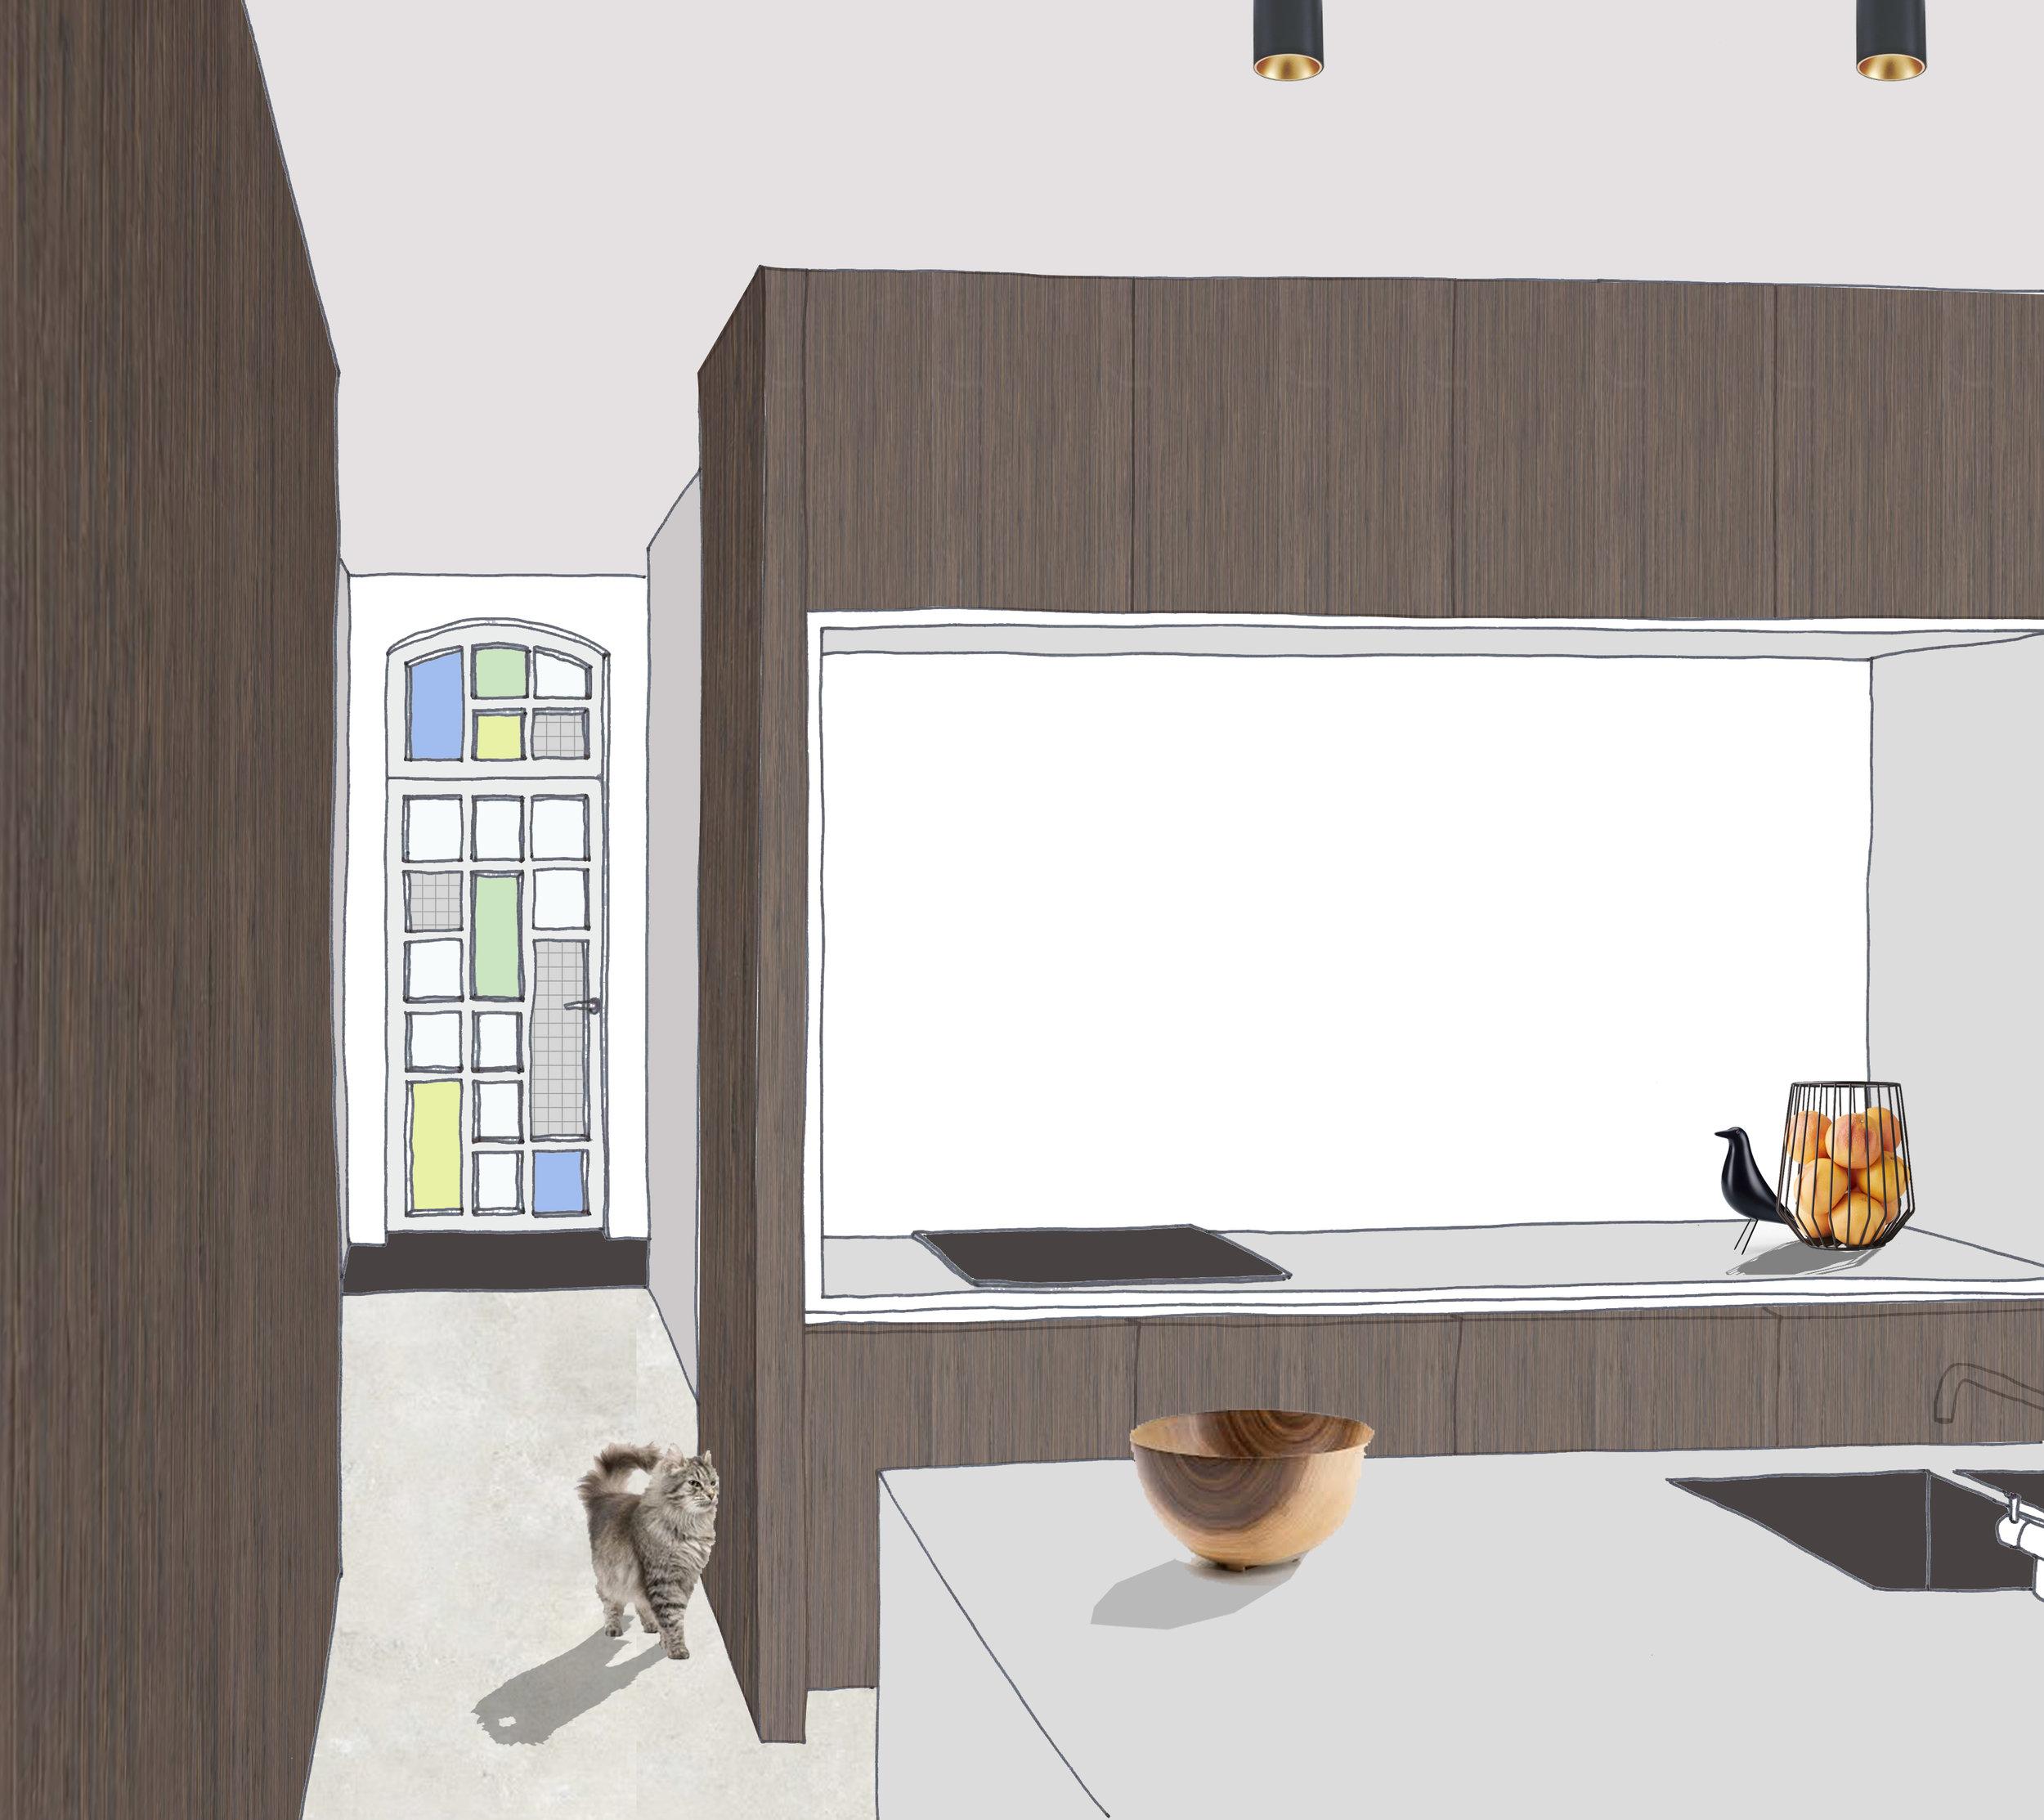 keukenbeeld.jpg